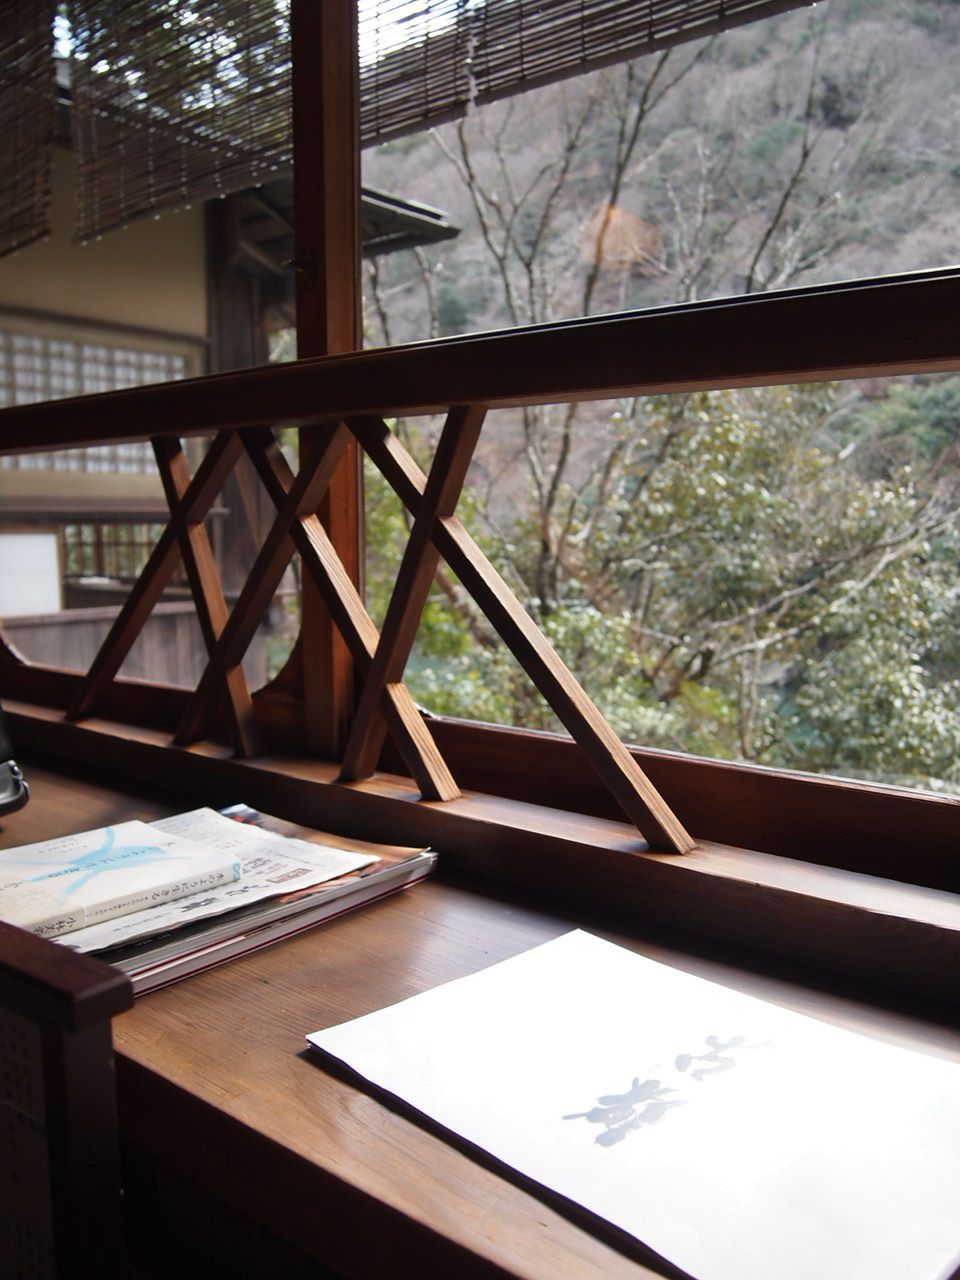 書と癒しの空間「松籟庵」